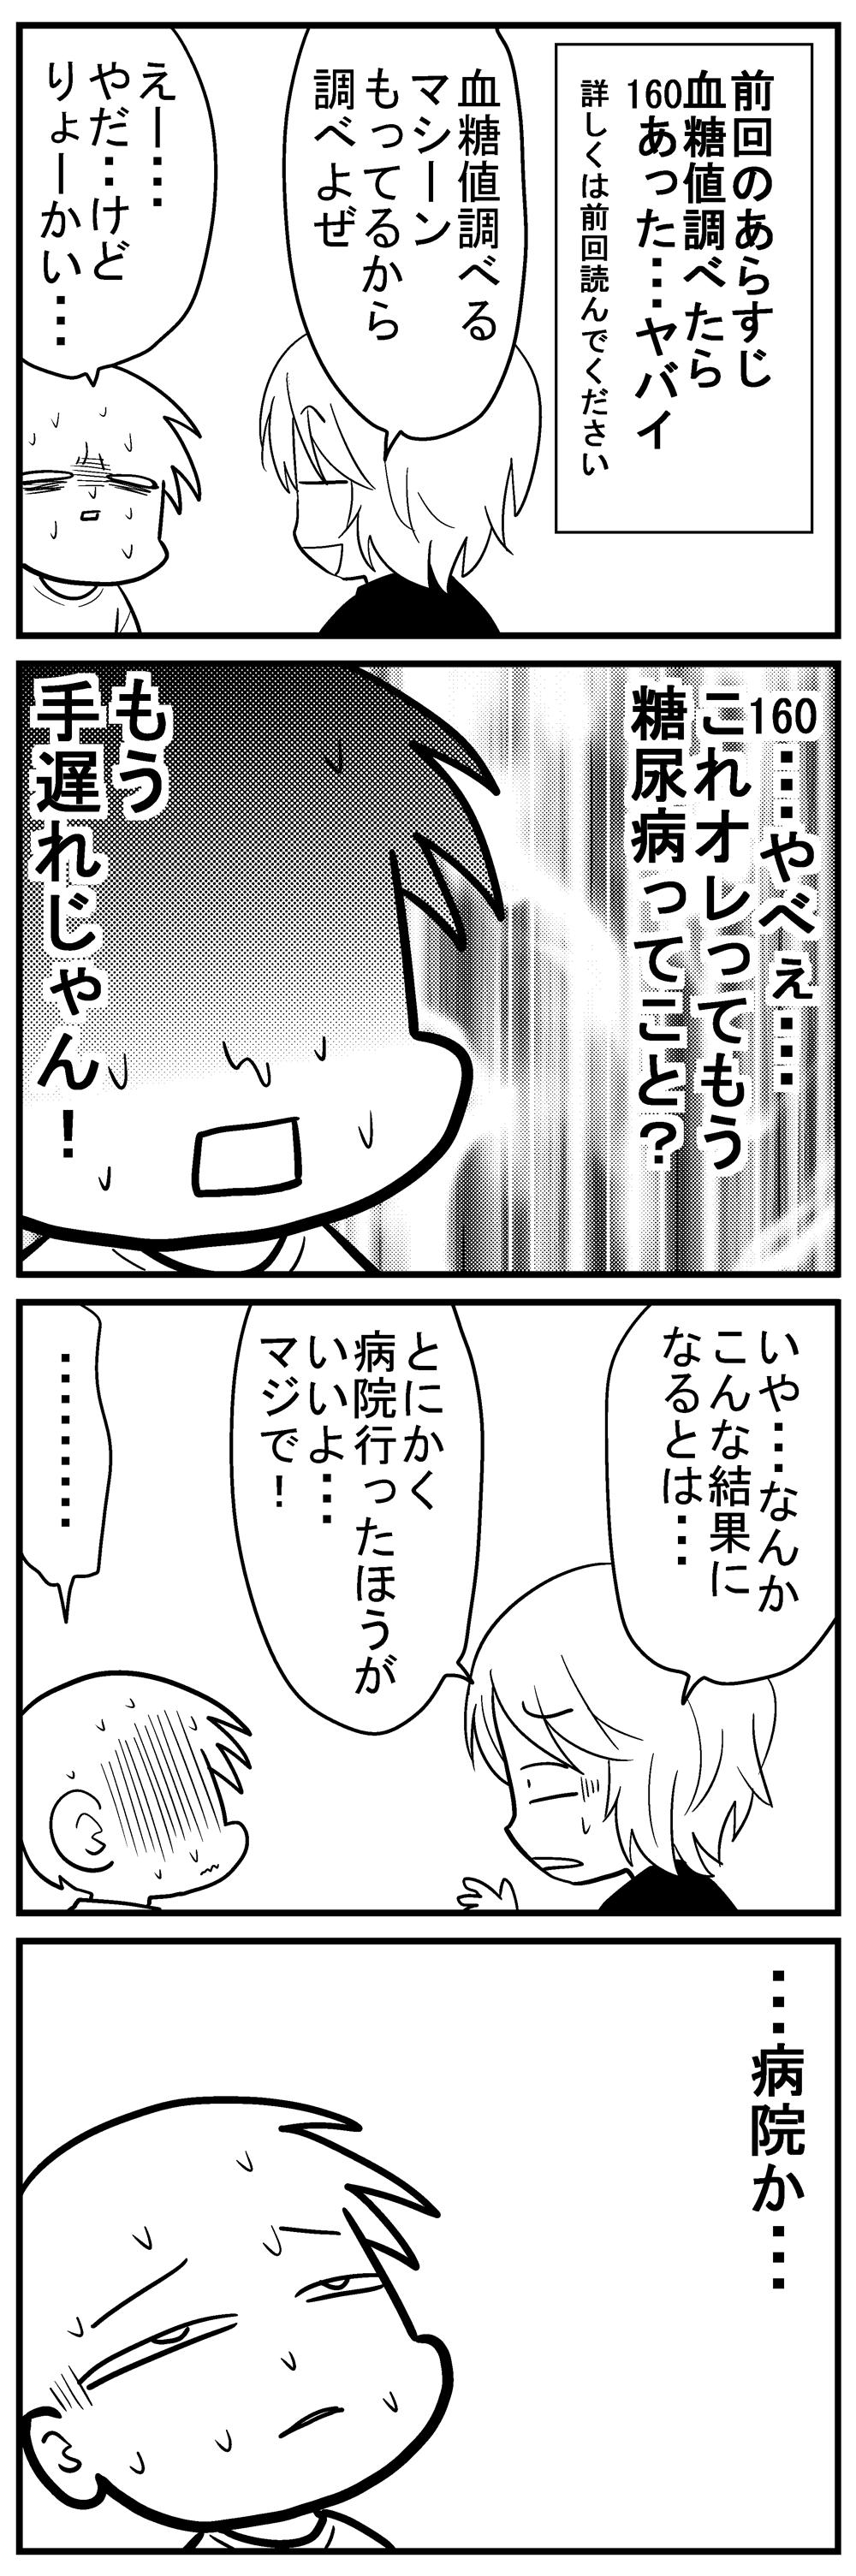 深読みくん86-1